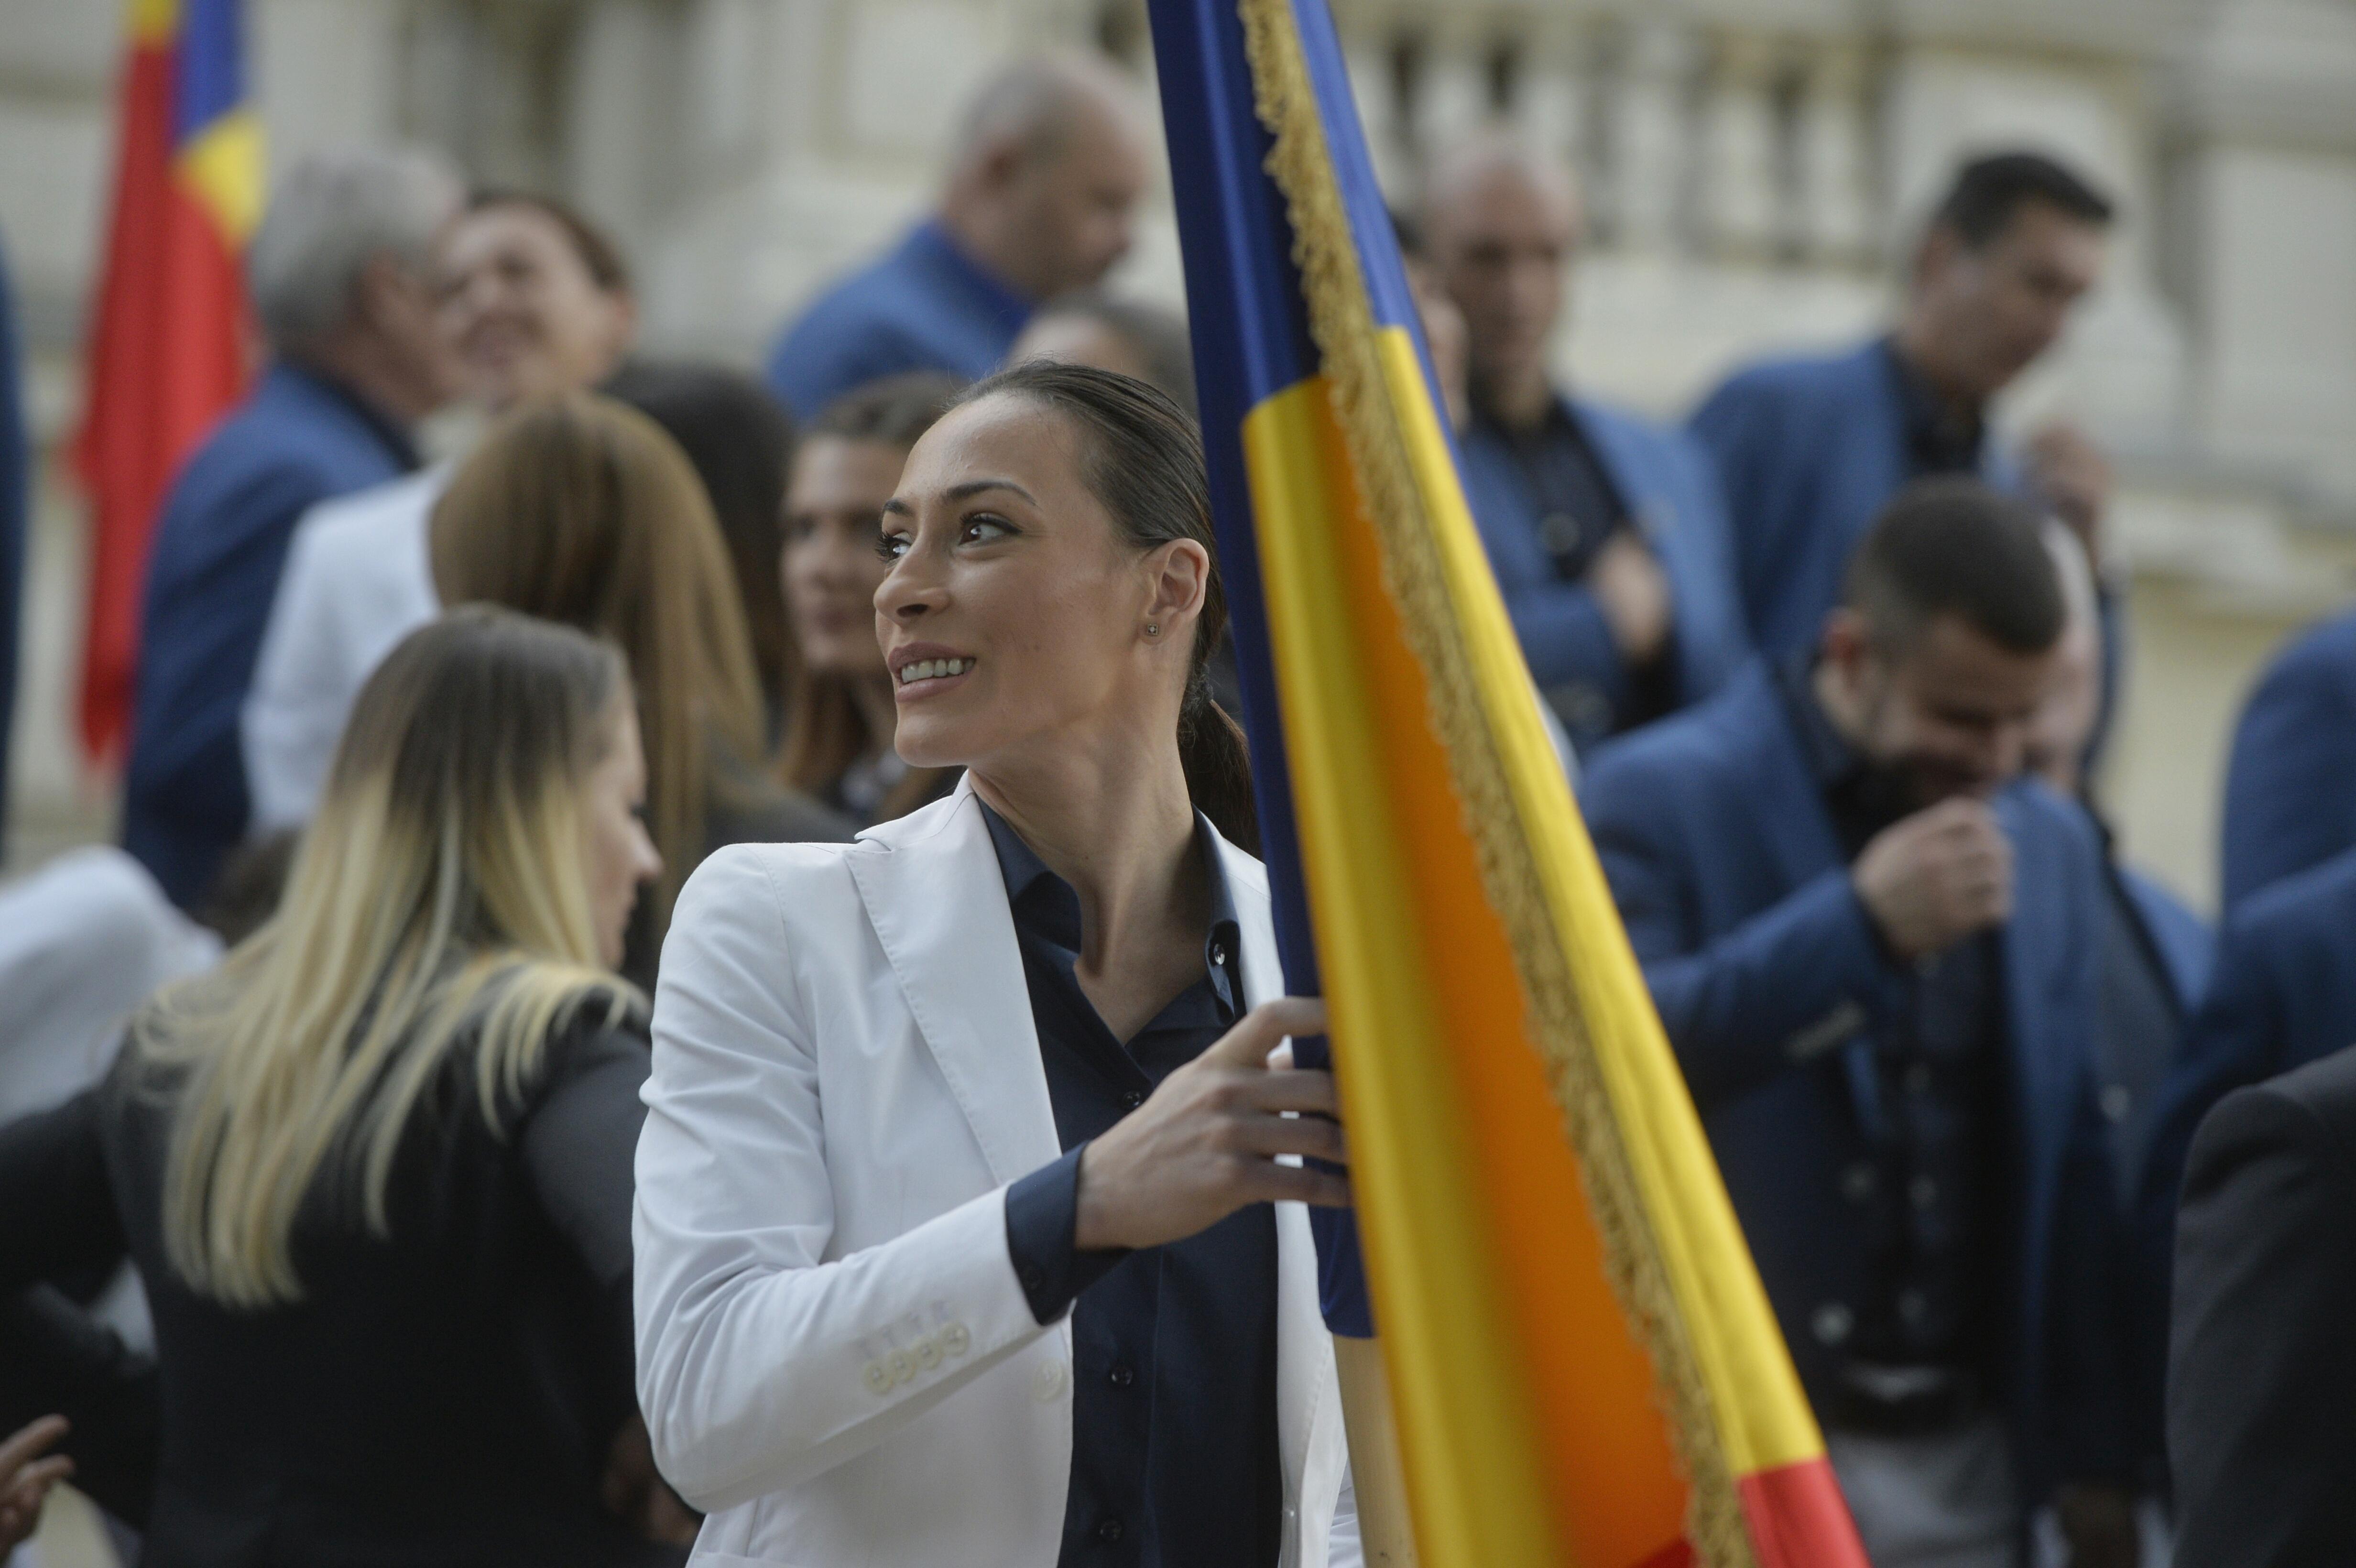 """Cătălina Ponor, pe lista candidaţilor la alegerile pentru Camera Deputaţilor: """"Mâine va şti toată lumea dacă voi candida sau nu, momentan sunt doar vorbe"""""""